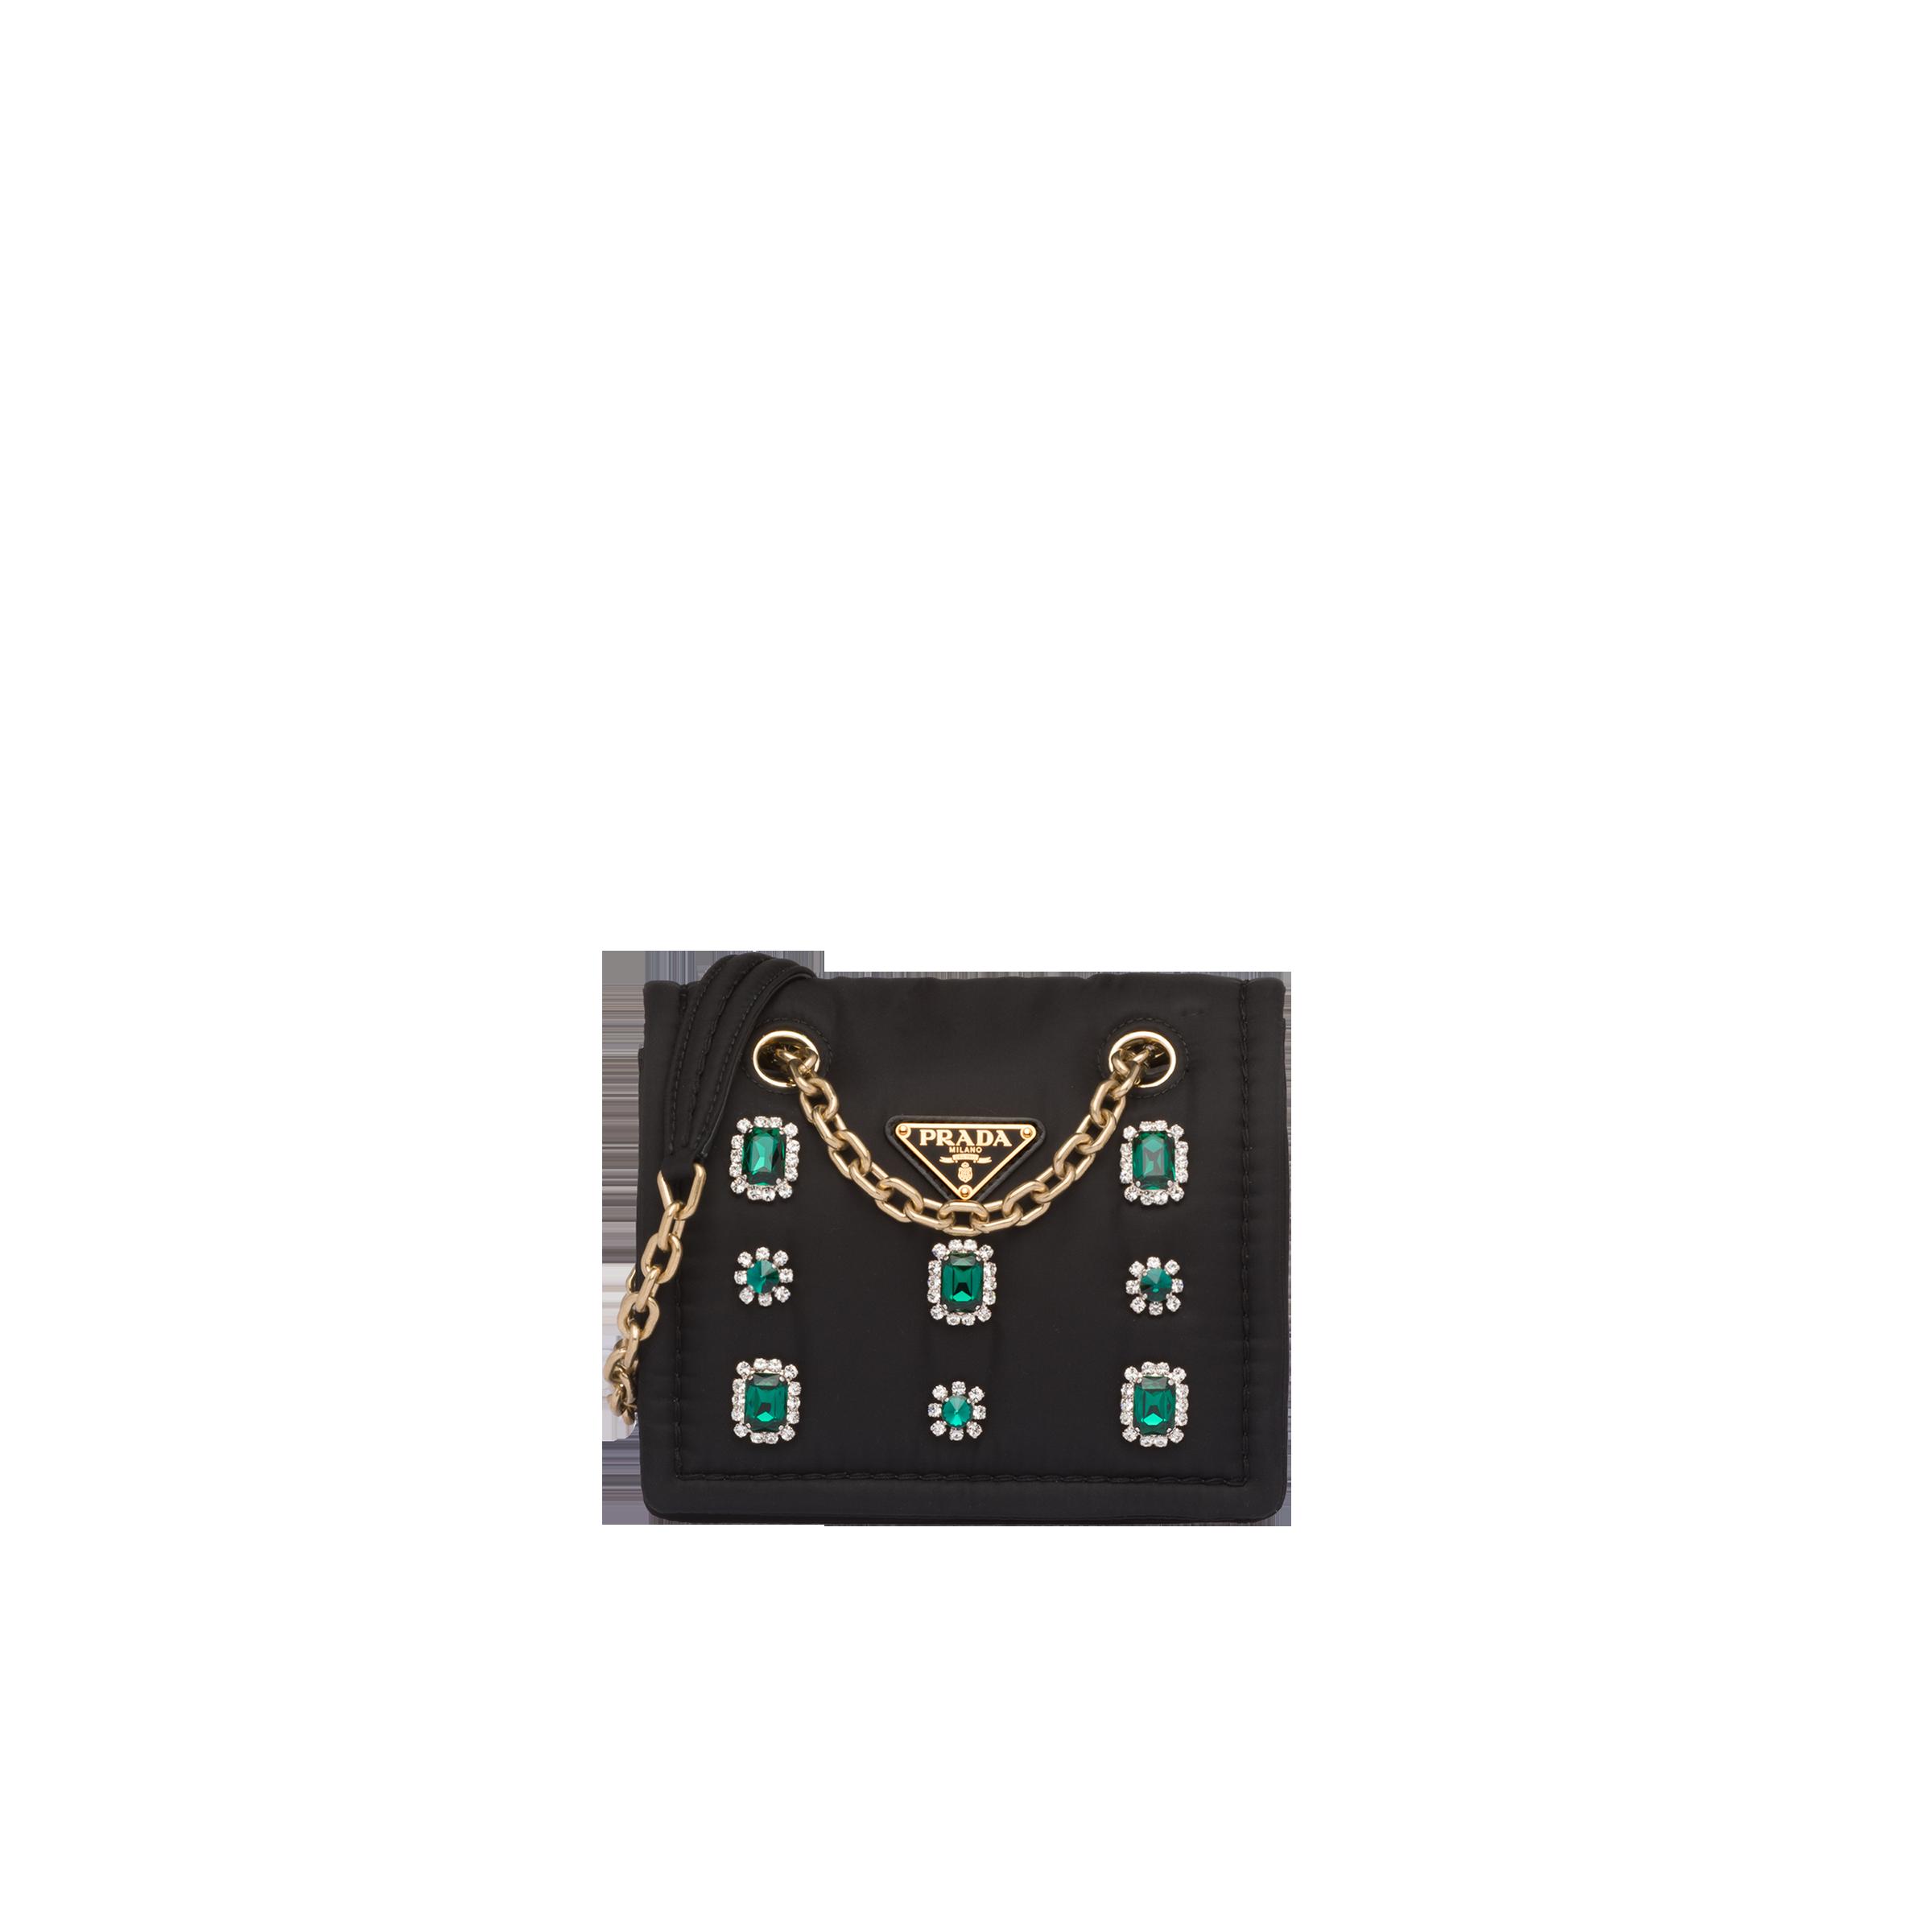 d169788c1aa9 Women's Shoulder Bags | Prada